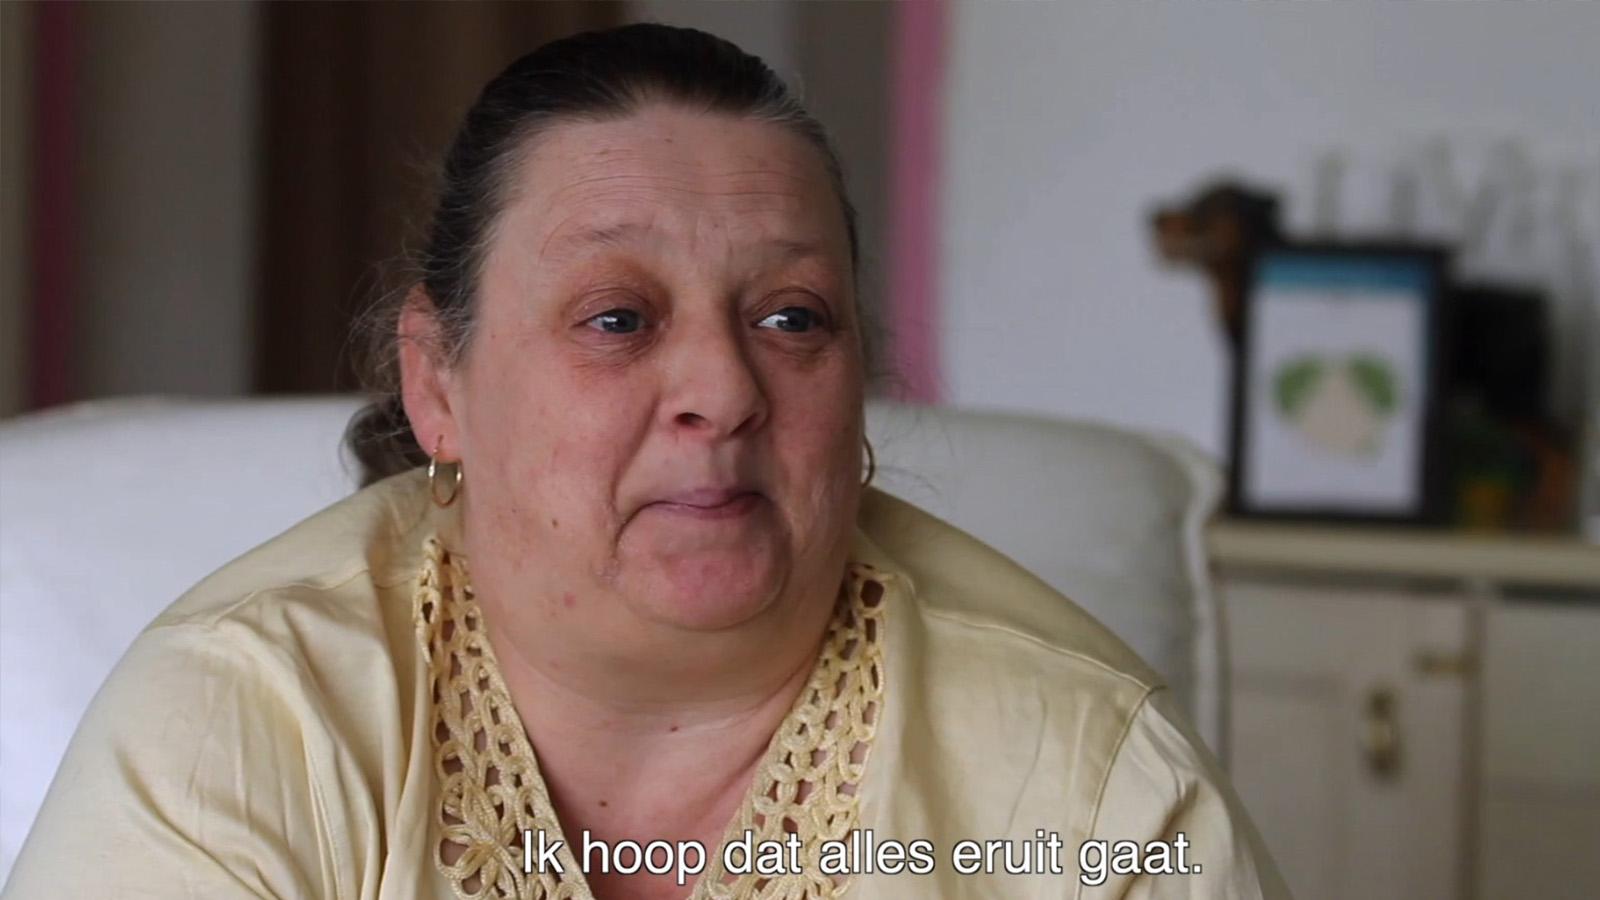 jolanda wil een nieuw gebit